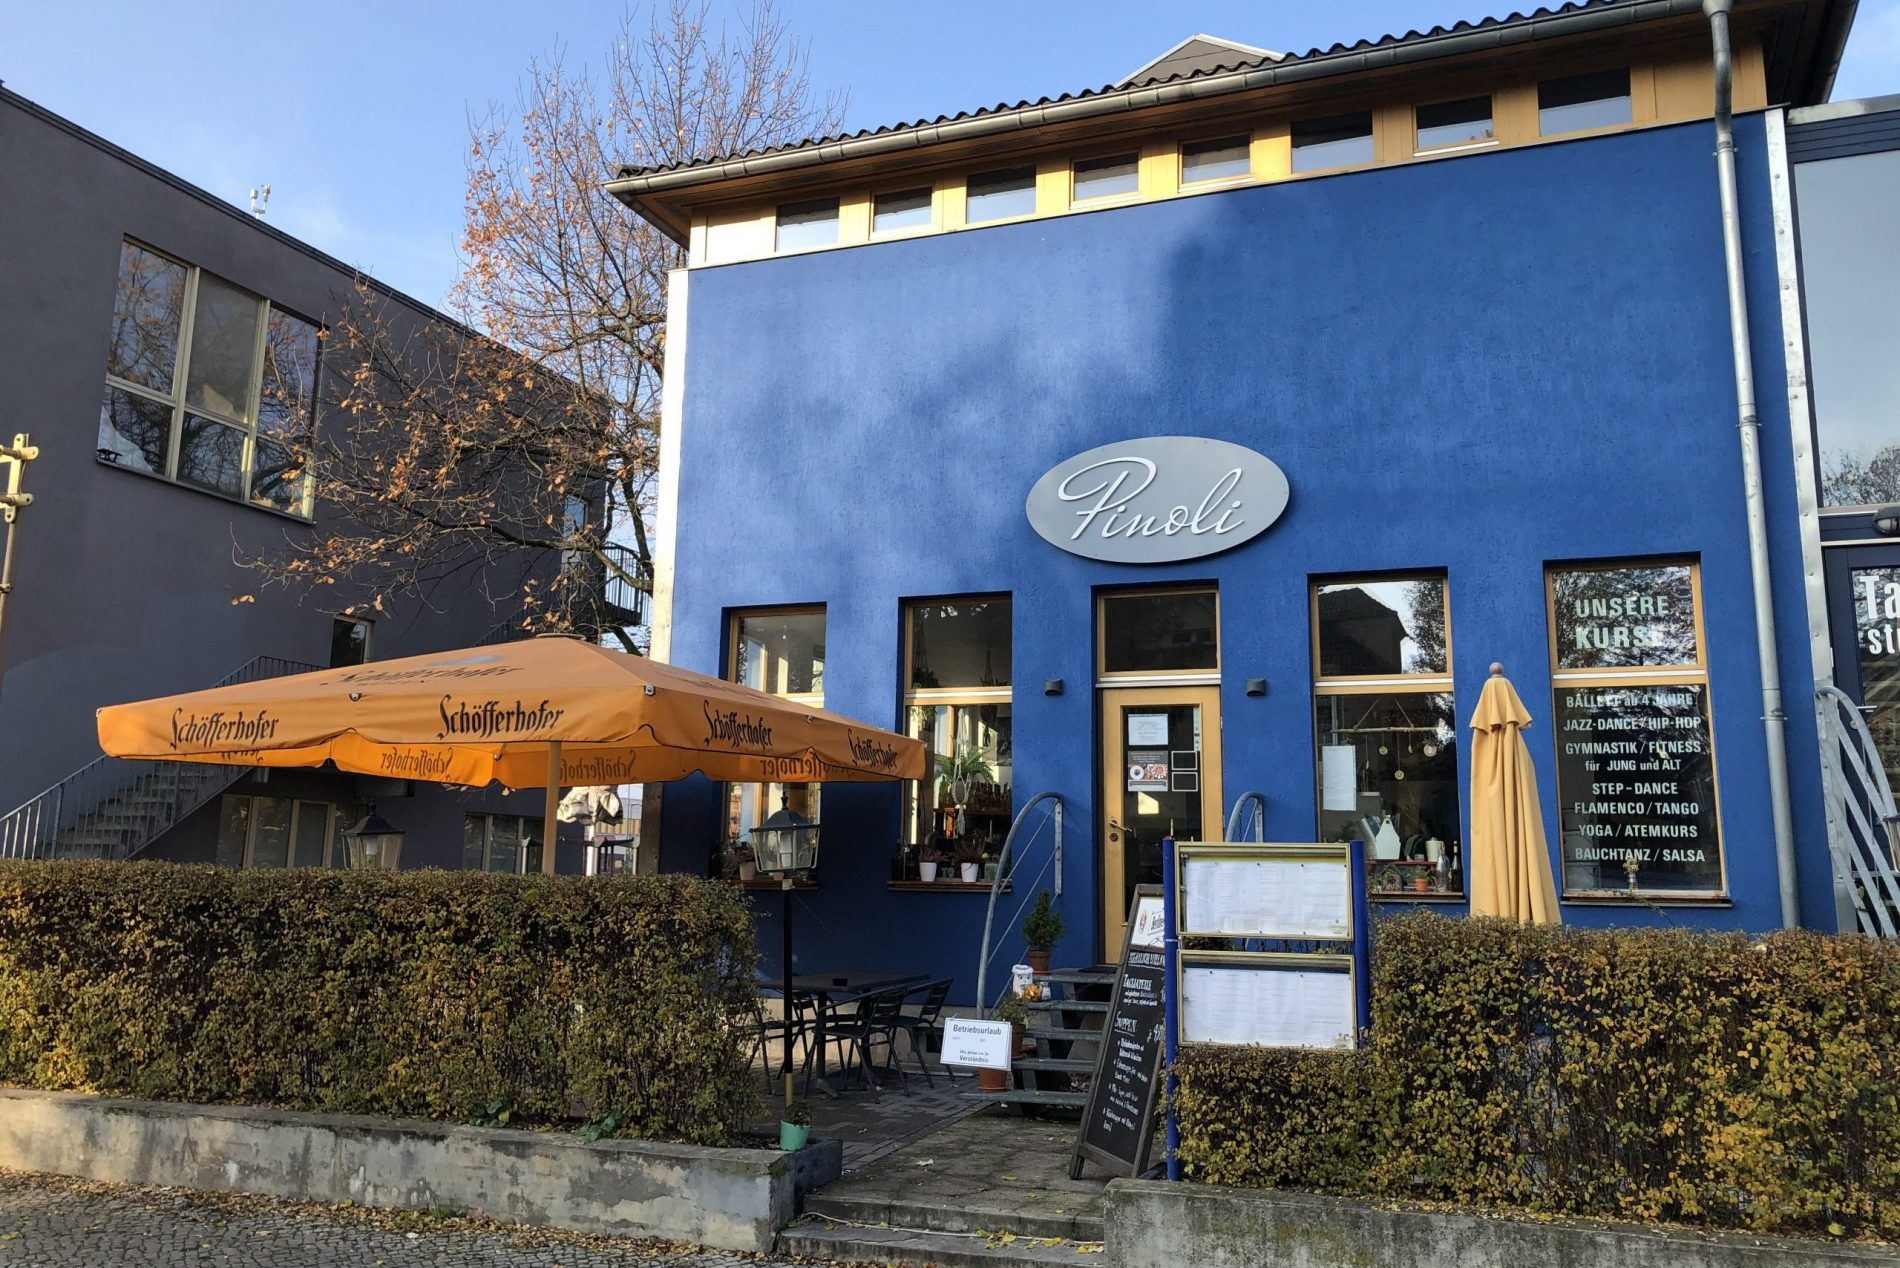 Restaurant Pinoli